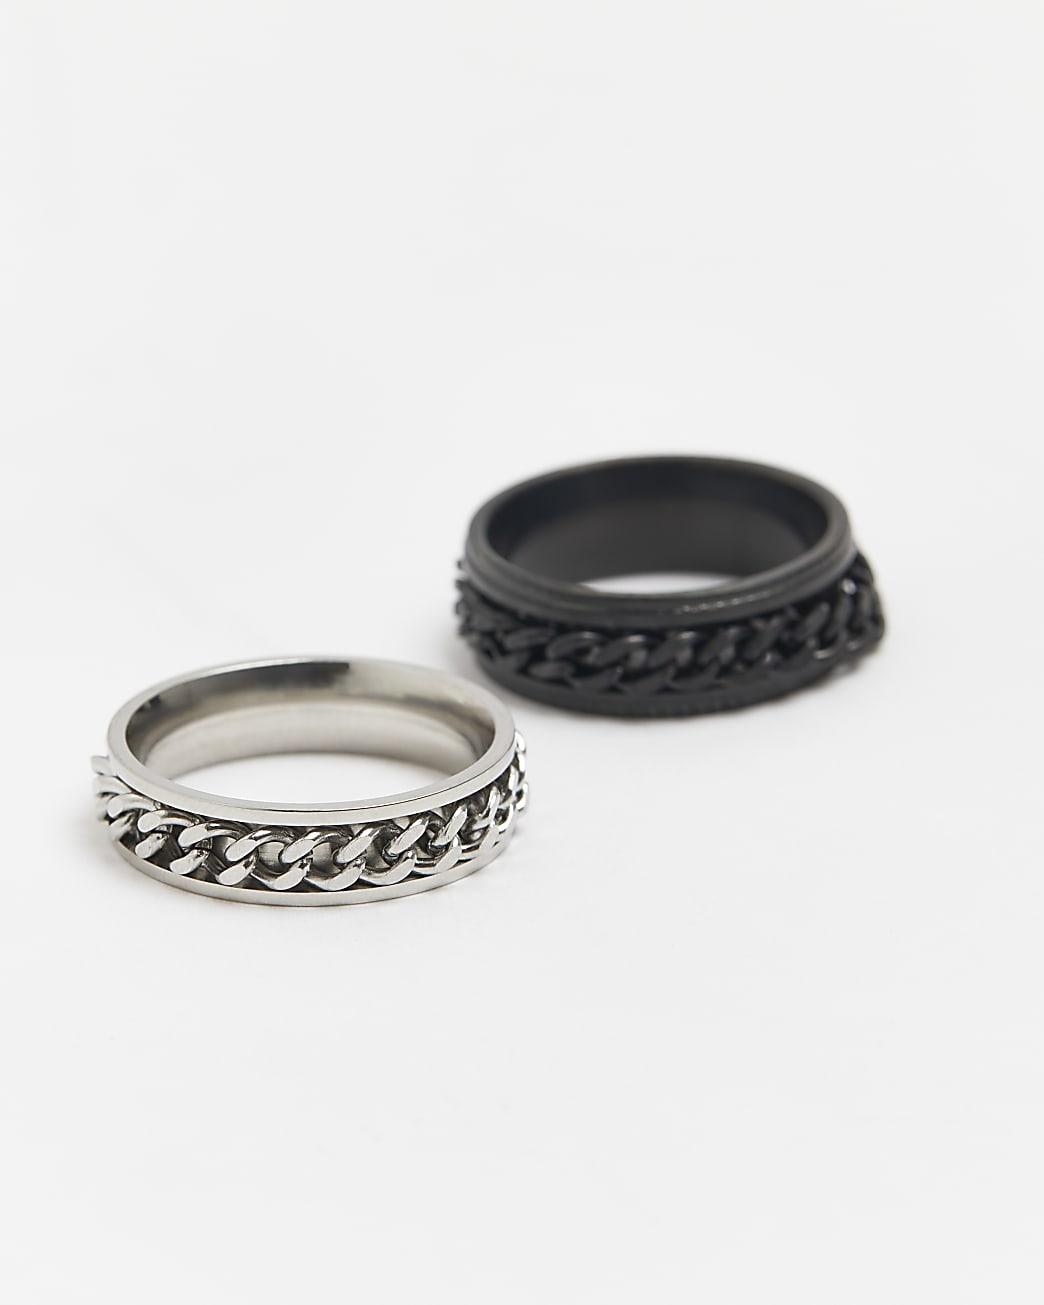 Black & silver stainless steel rings 2 pack